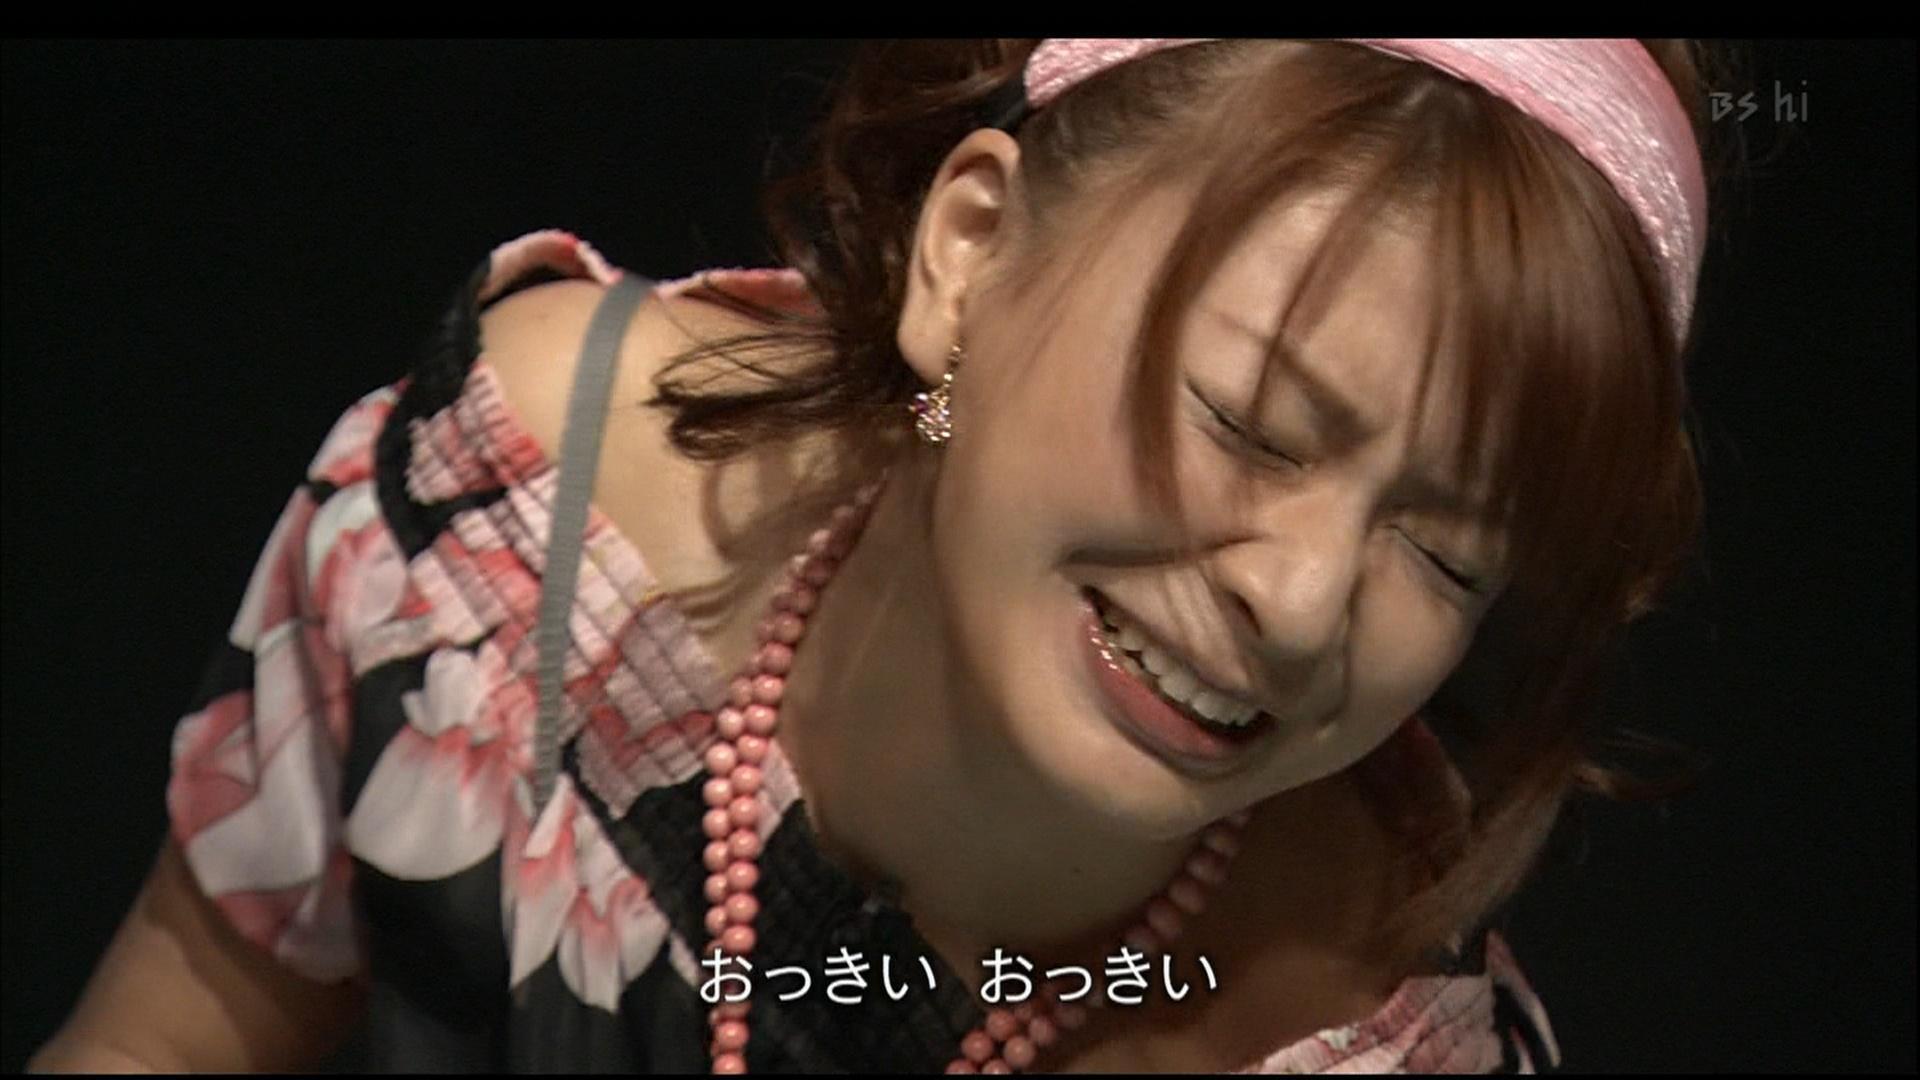 八田亜矢子 大きいものが八田ちゃんの中にいっぱい入るキャプ画像(エロ・アイコラ画像)